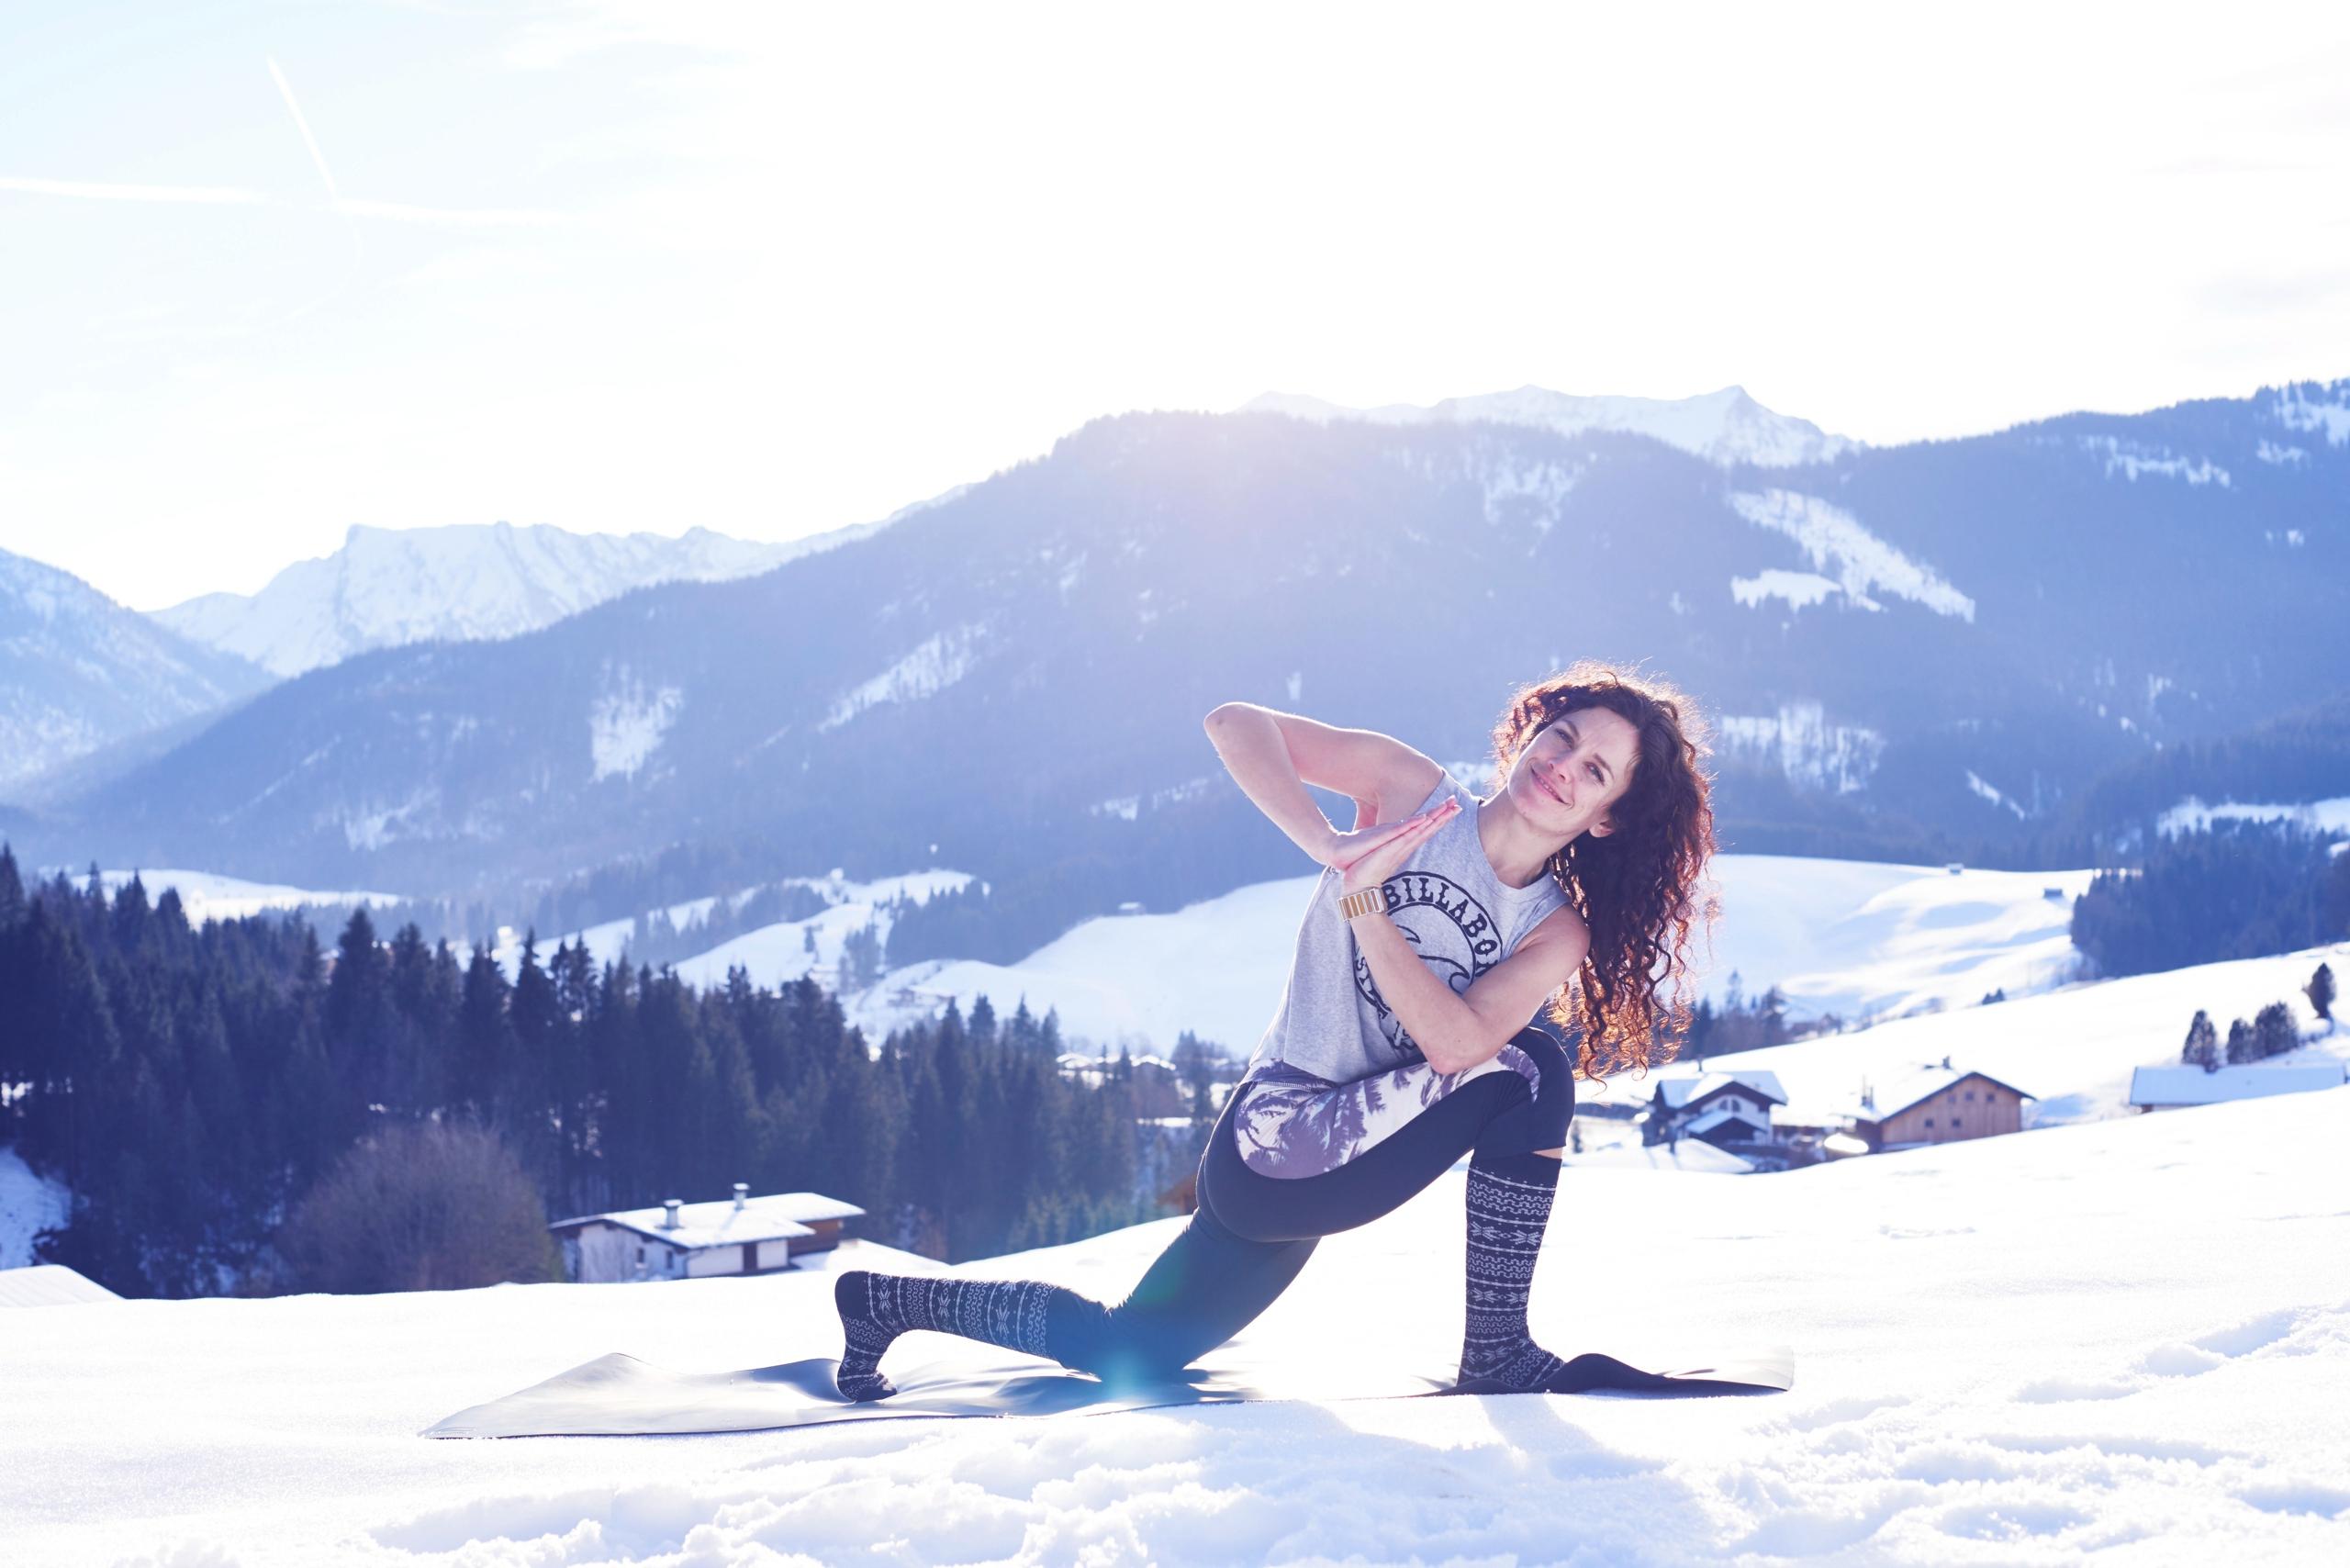 Anna-Kathalina-Langer-Snowga-Snoga-Yoga-Apres-Ski-Yoga-Conny-Marshaus-Photography-Billabong